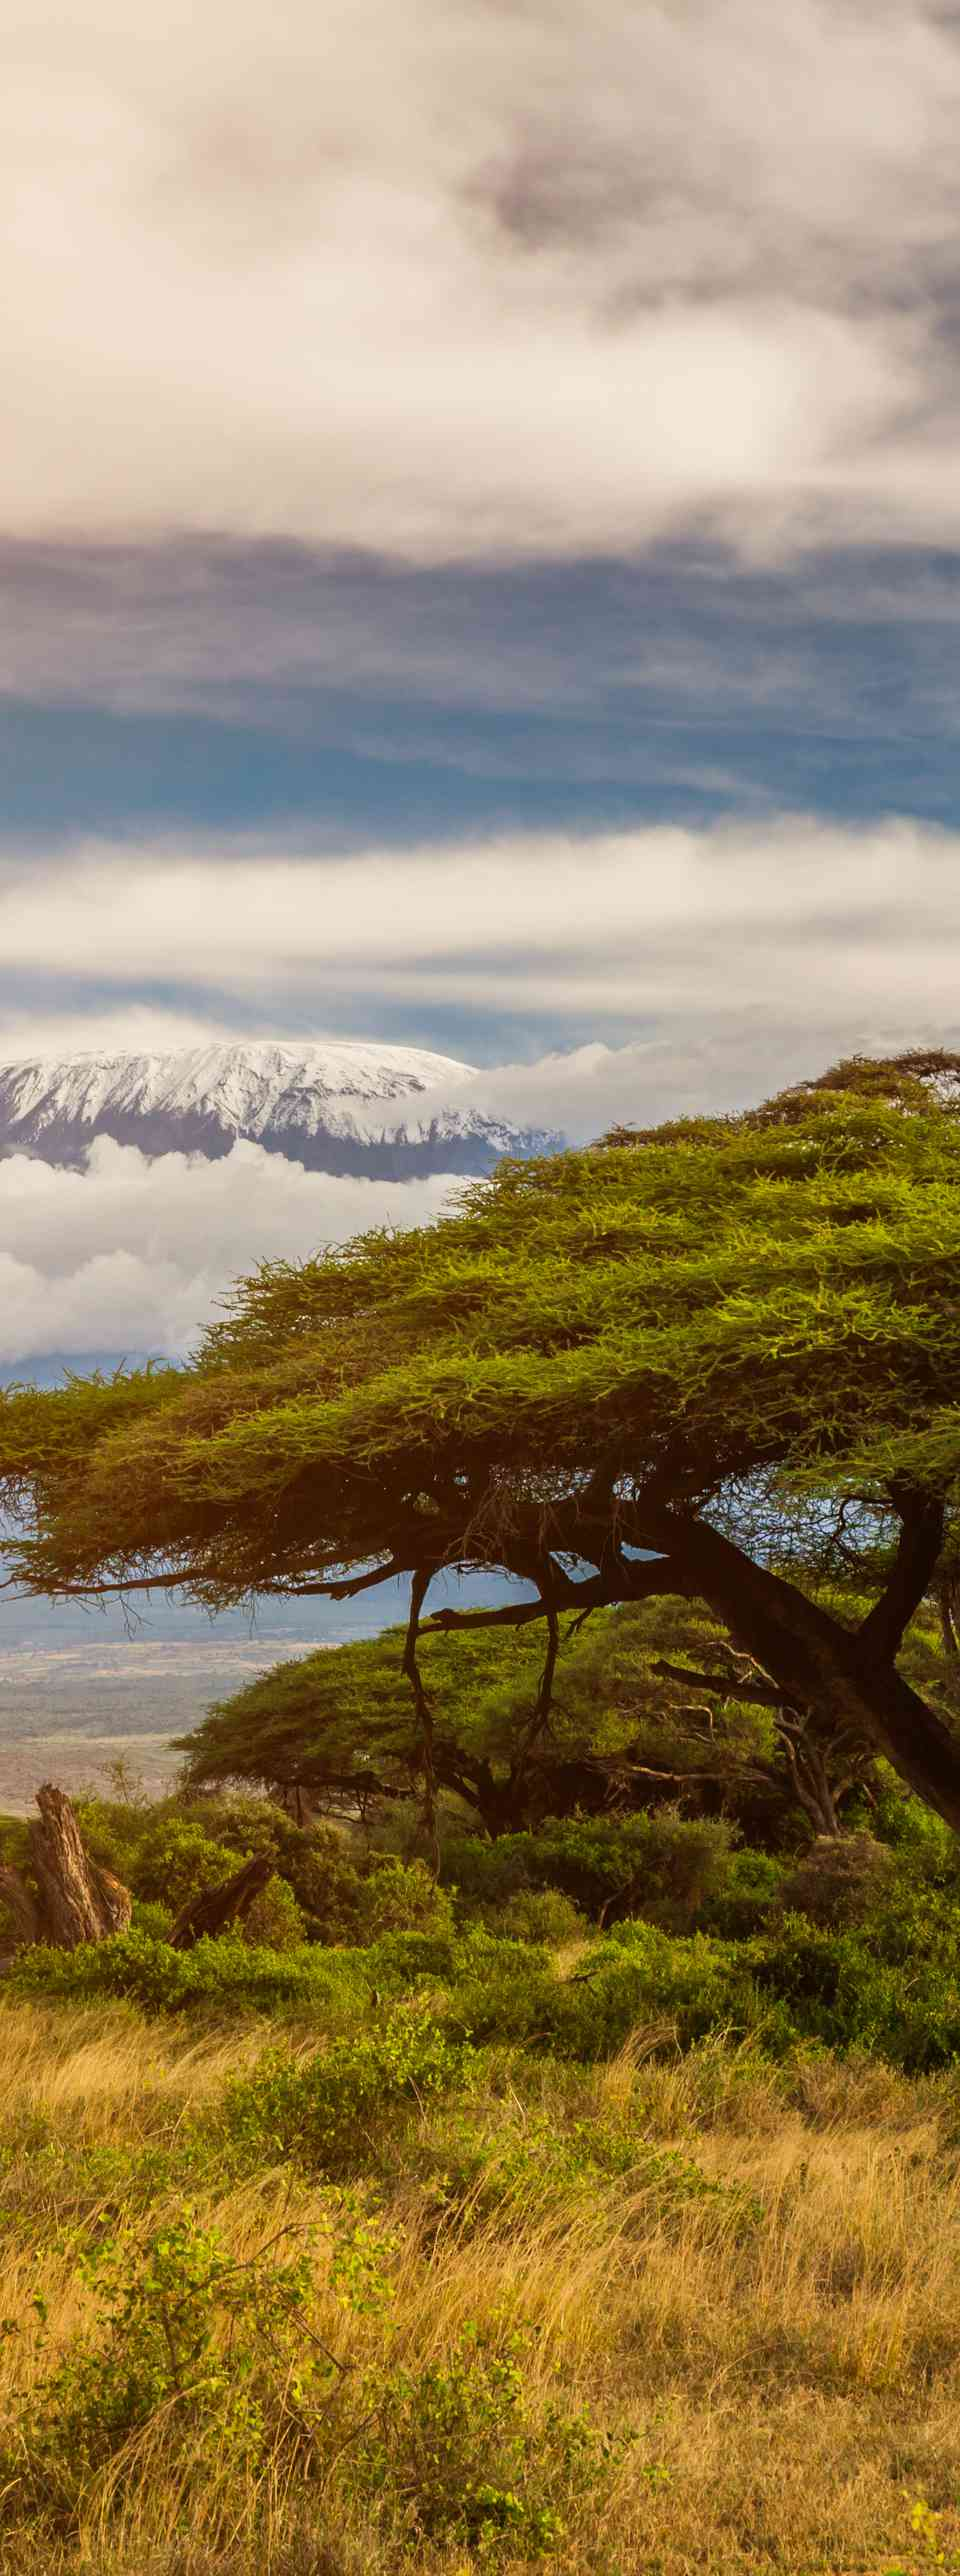 Mount Kilimanjaro, Amboseli, Kenya